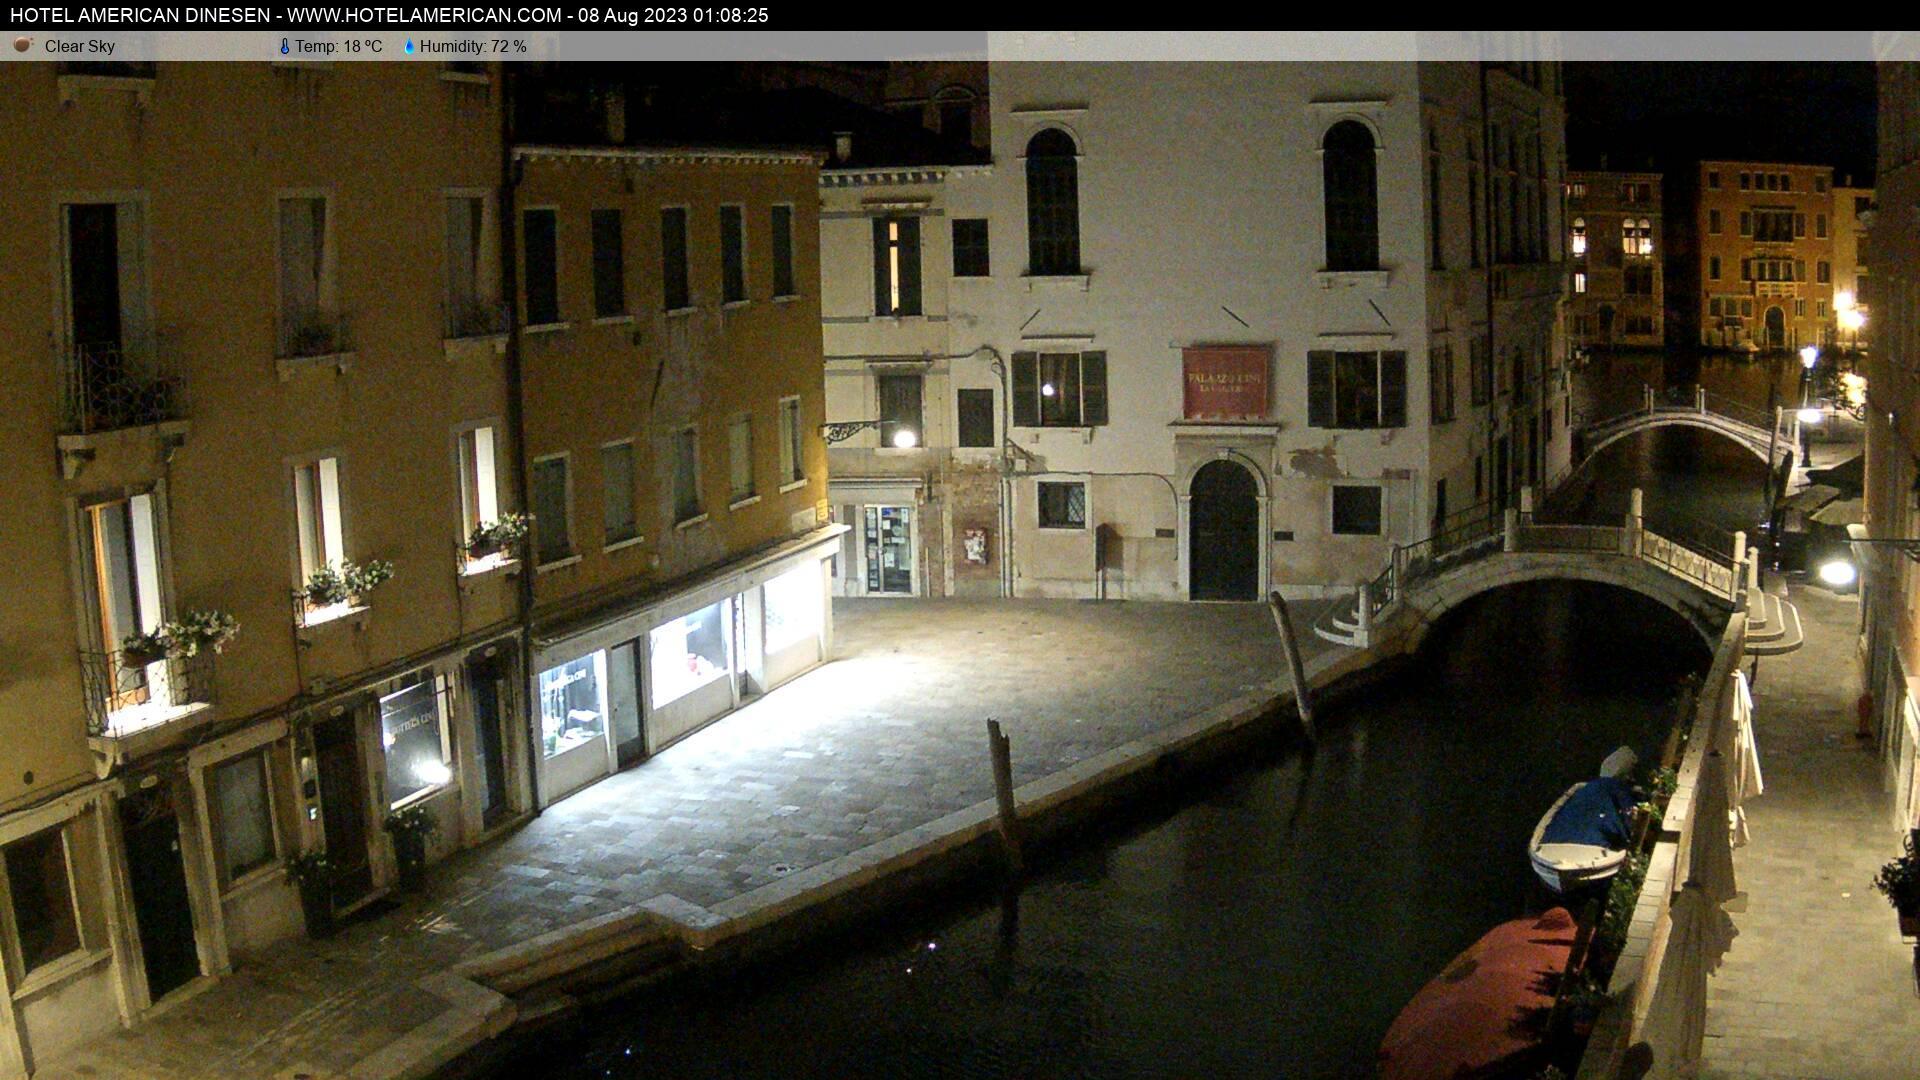 Venedig So. 01:08